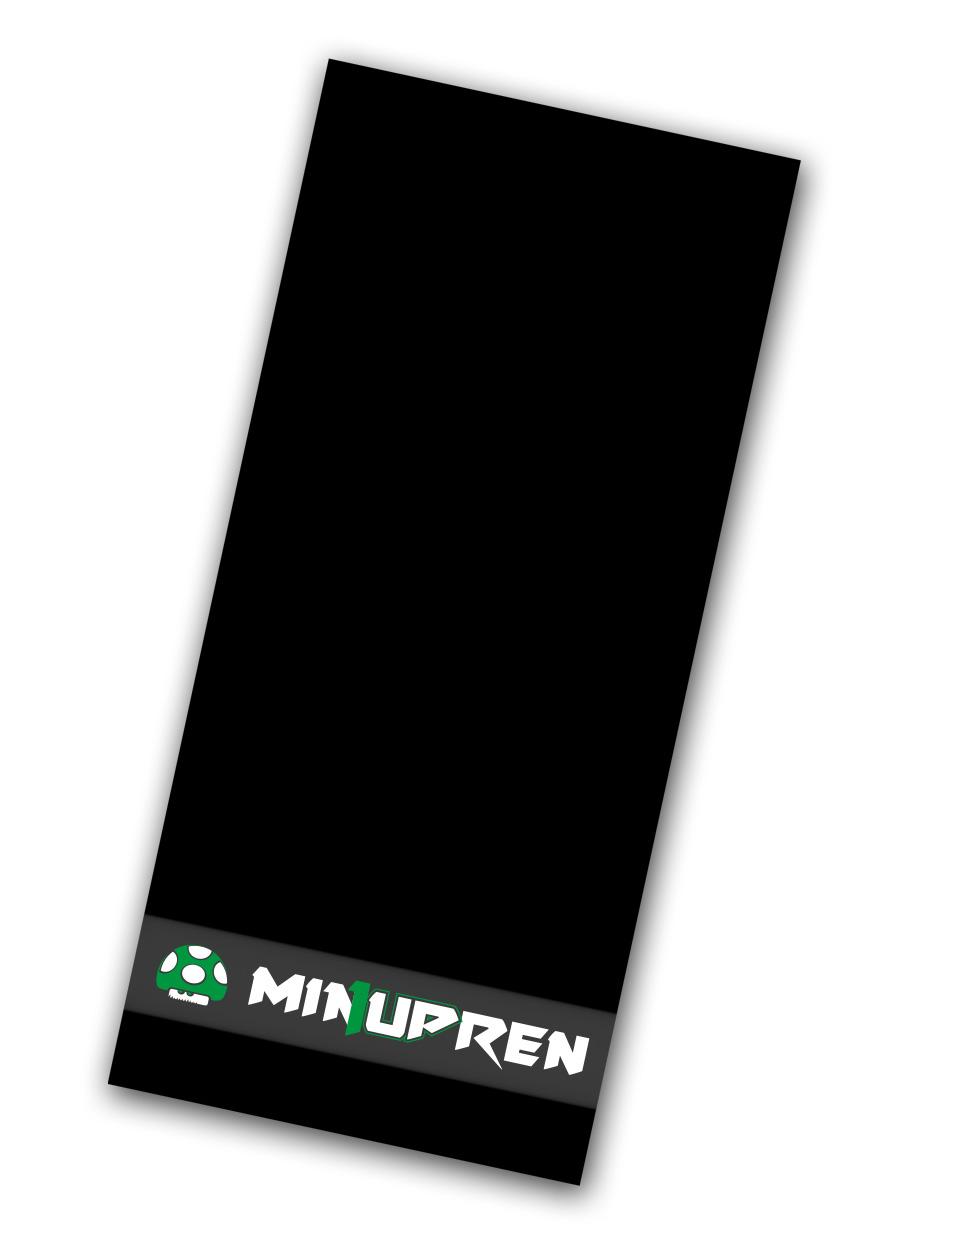 min1upren Handtuch mehrfarbig auf schwarz